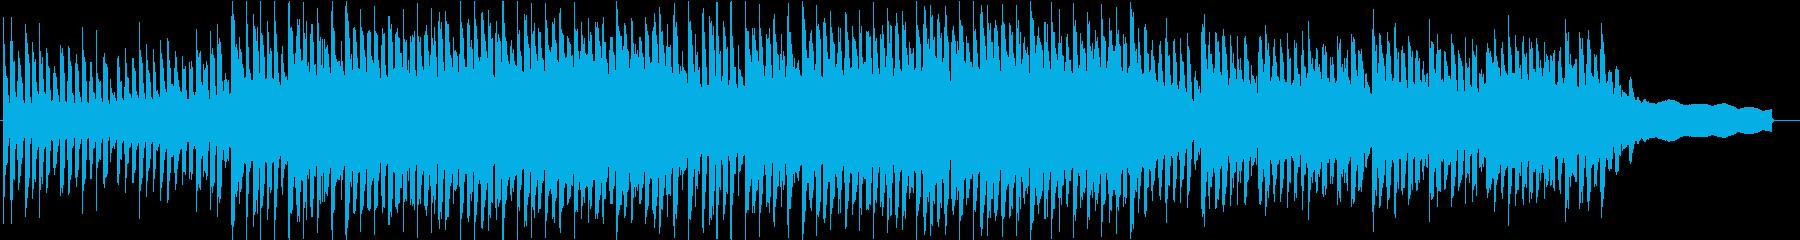 クリーンなインスピレーショナル系BGMの再生済みの波形